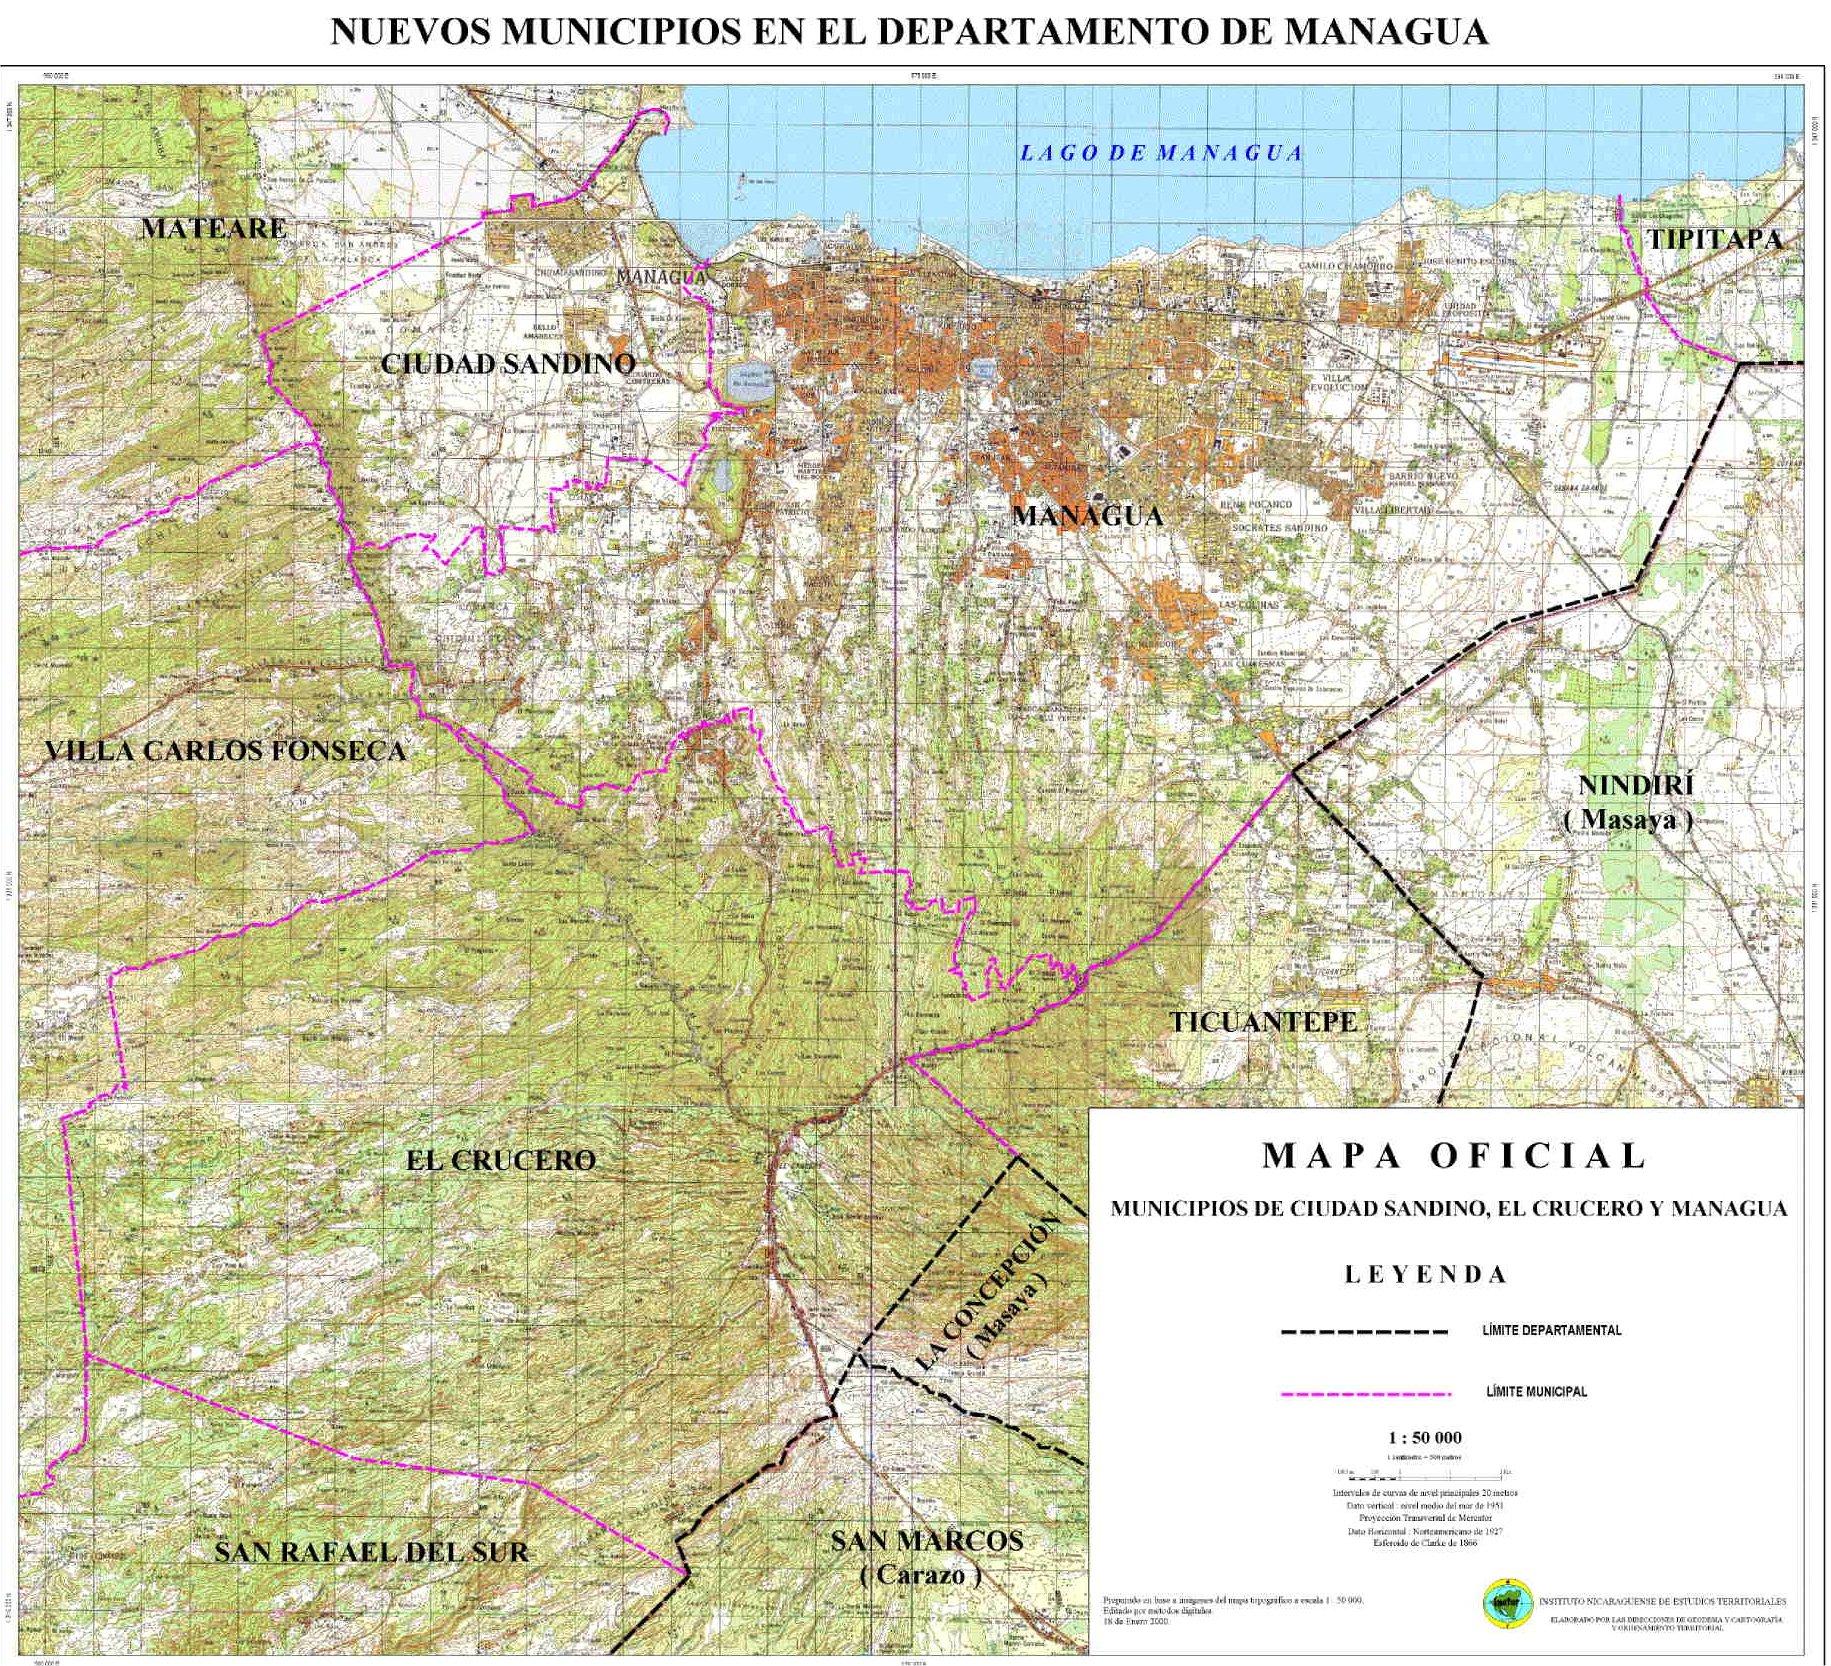 Mapa de los Municipios de Ciudad Sandino, El Crucero y Managua, Nicaragua